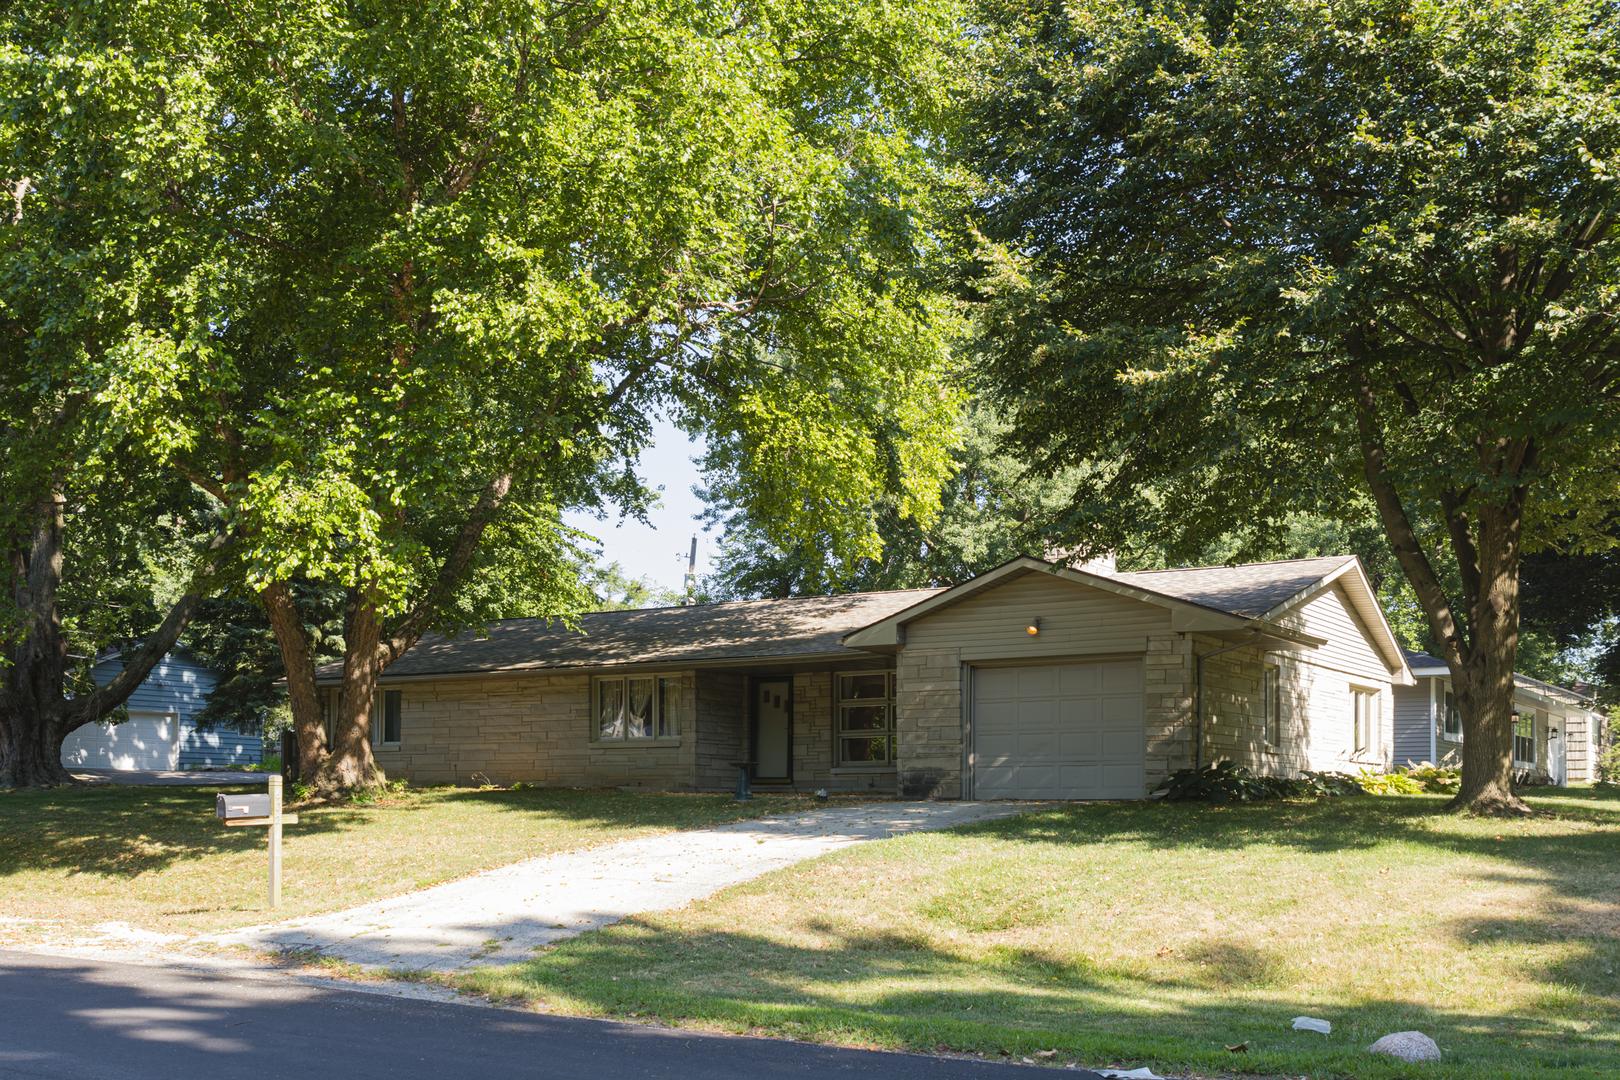 602 Ventura, Champaign, Illinois, 61820